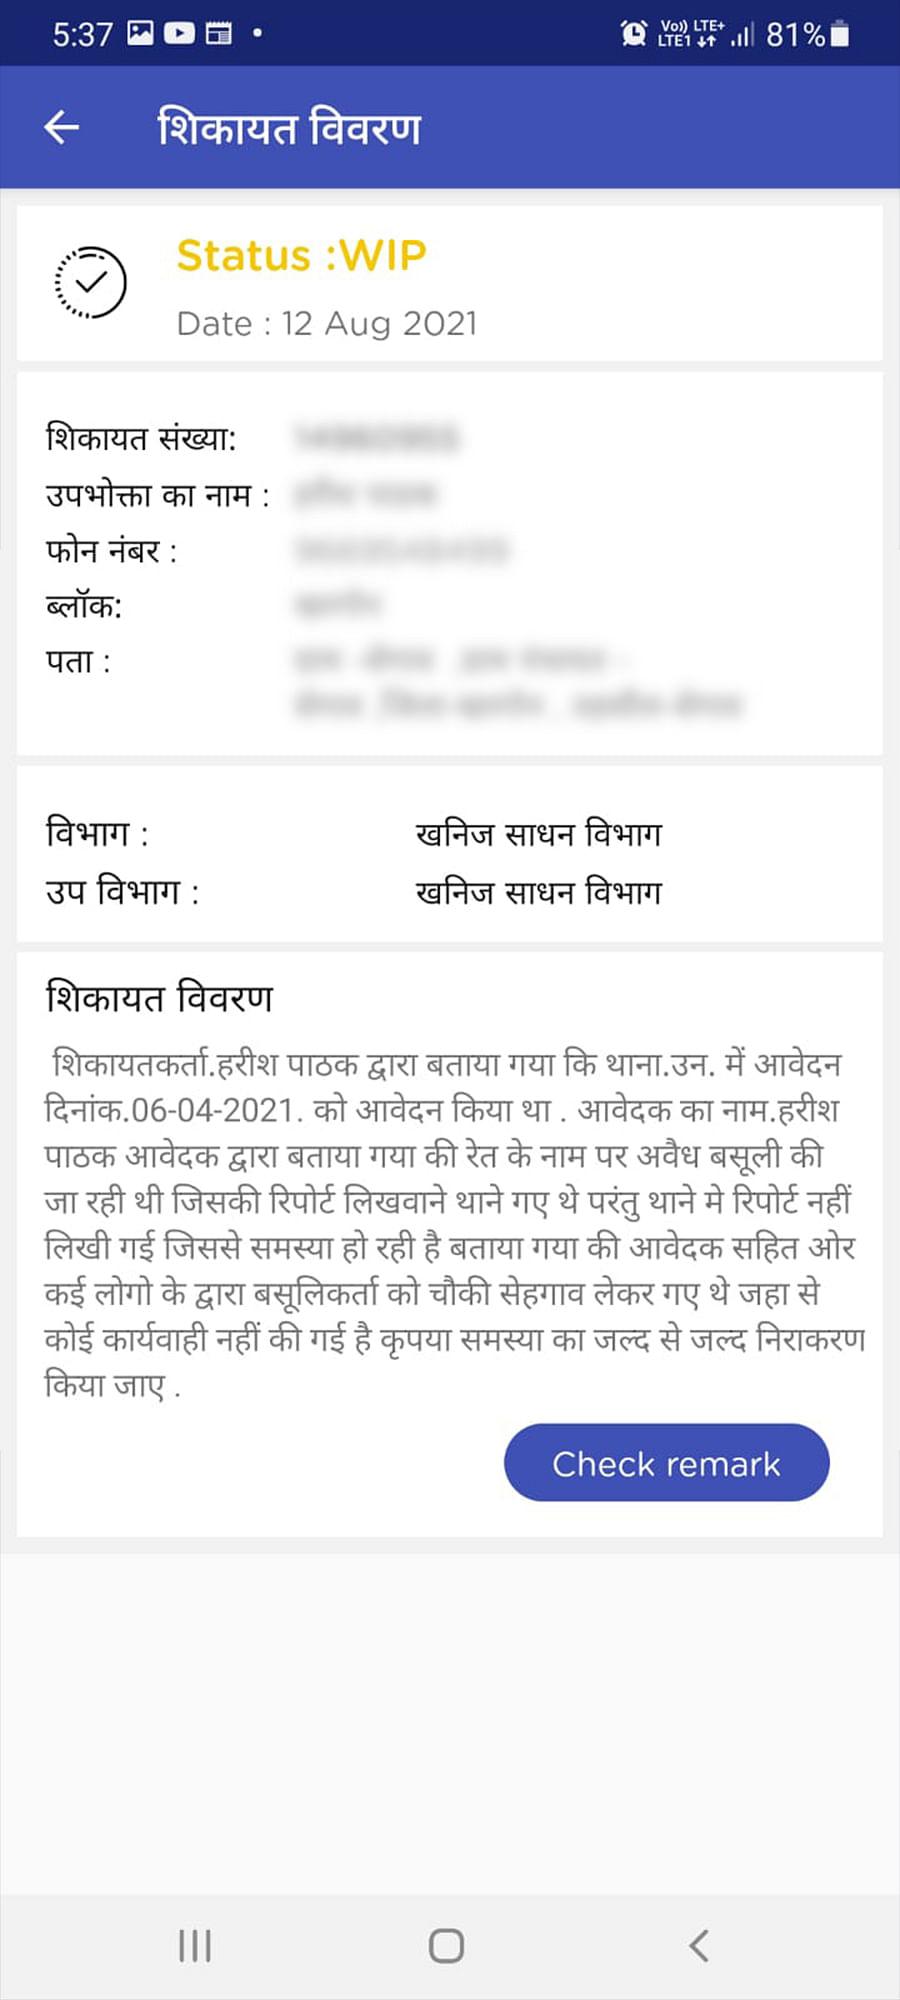 Harish Pathak's complaint on the CM's e-complaint portal.